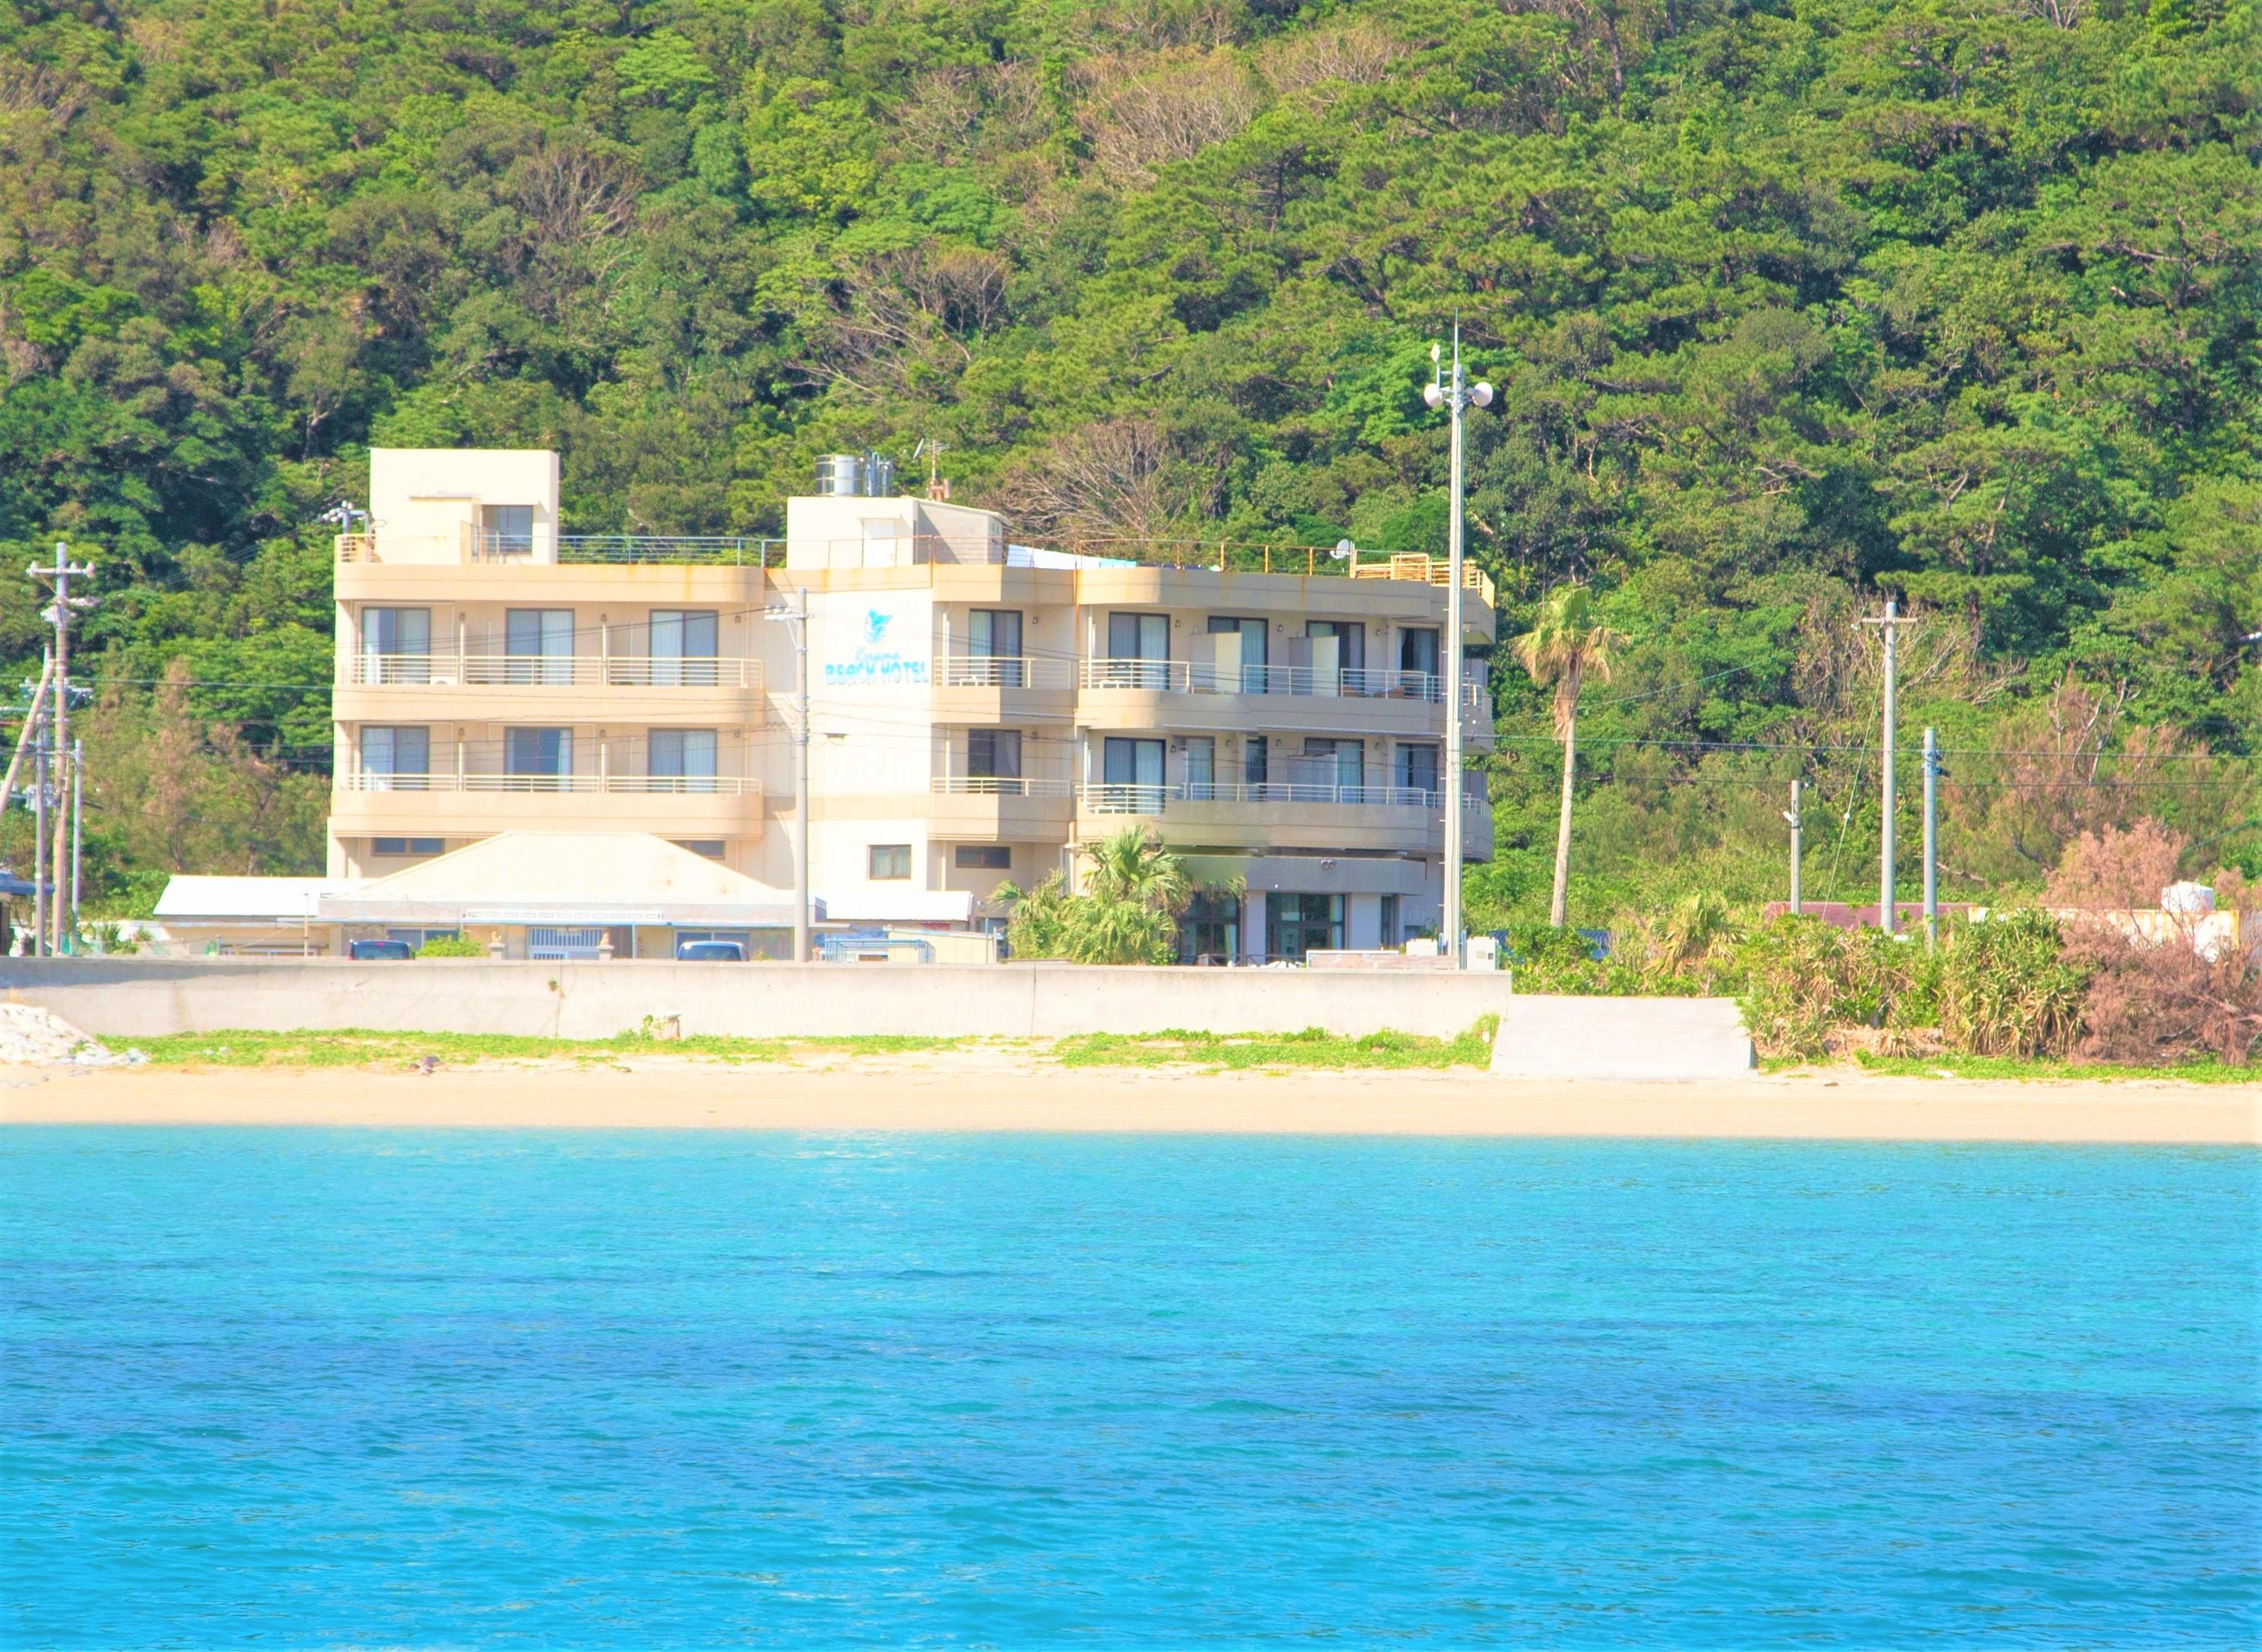 ケラマビーチホテル <座間味島>